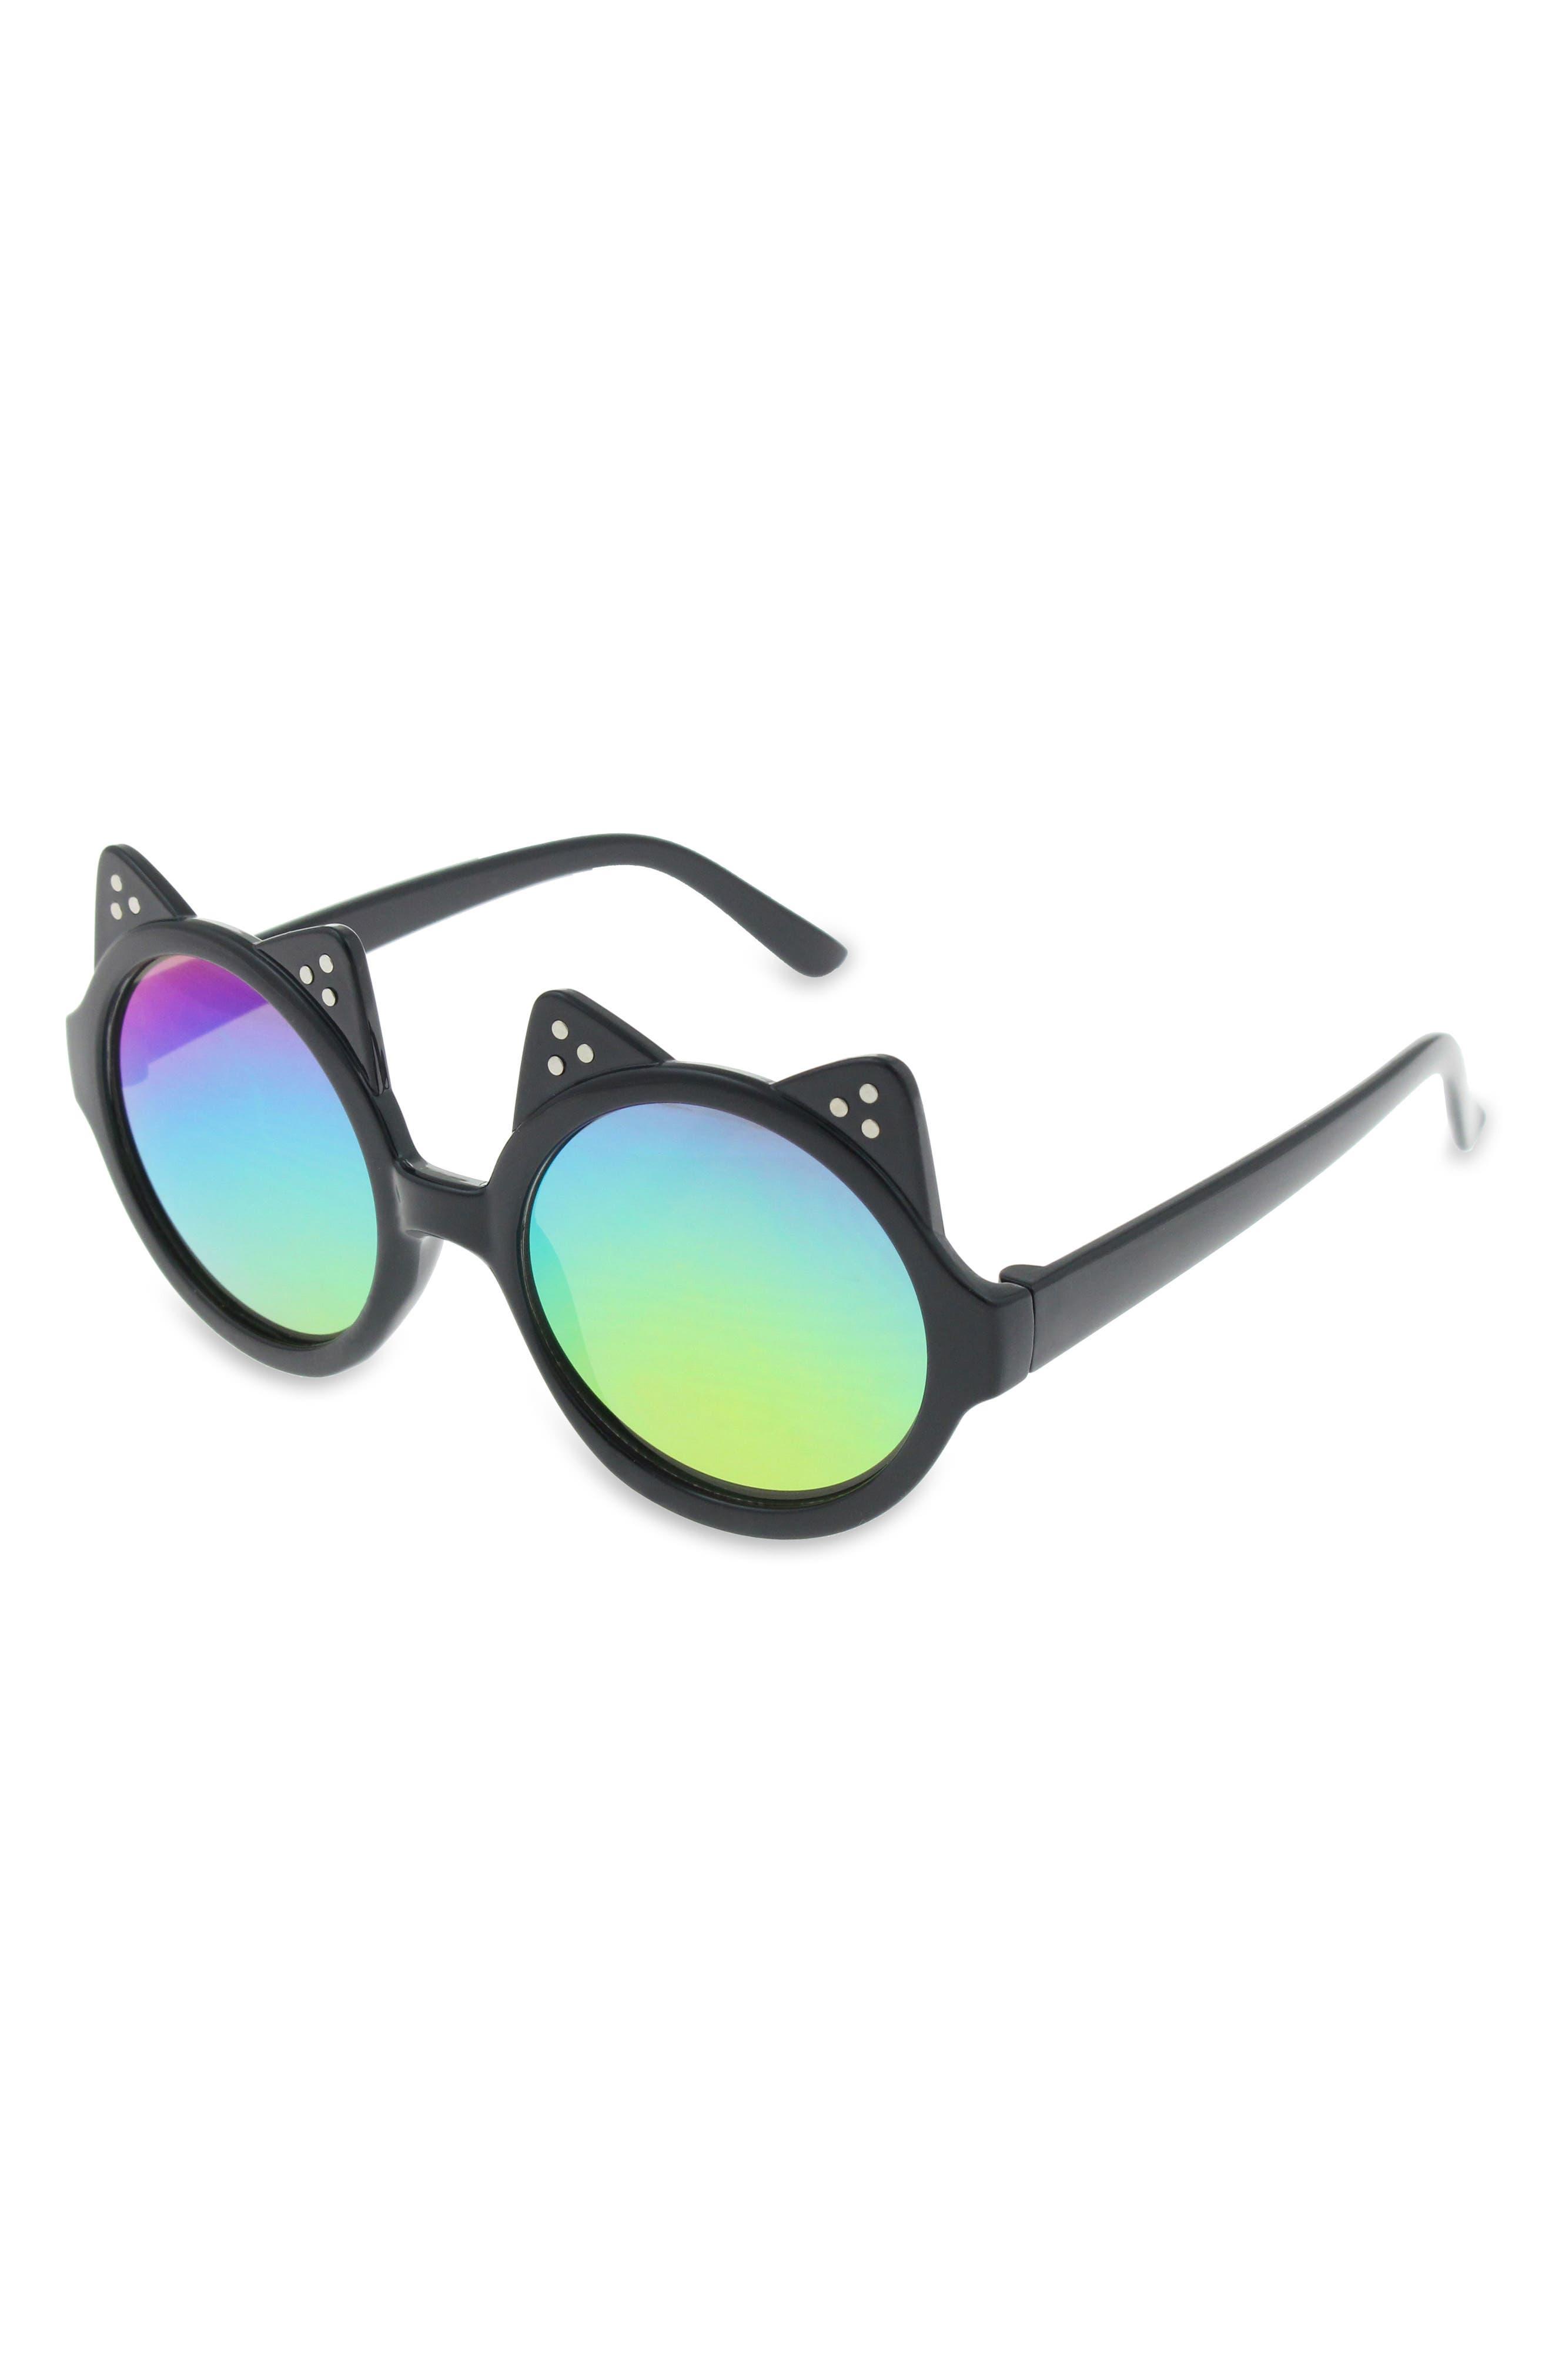 Double Cat Ear Sunglasses,                         Main,                         color, Black